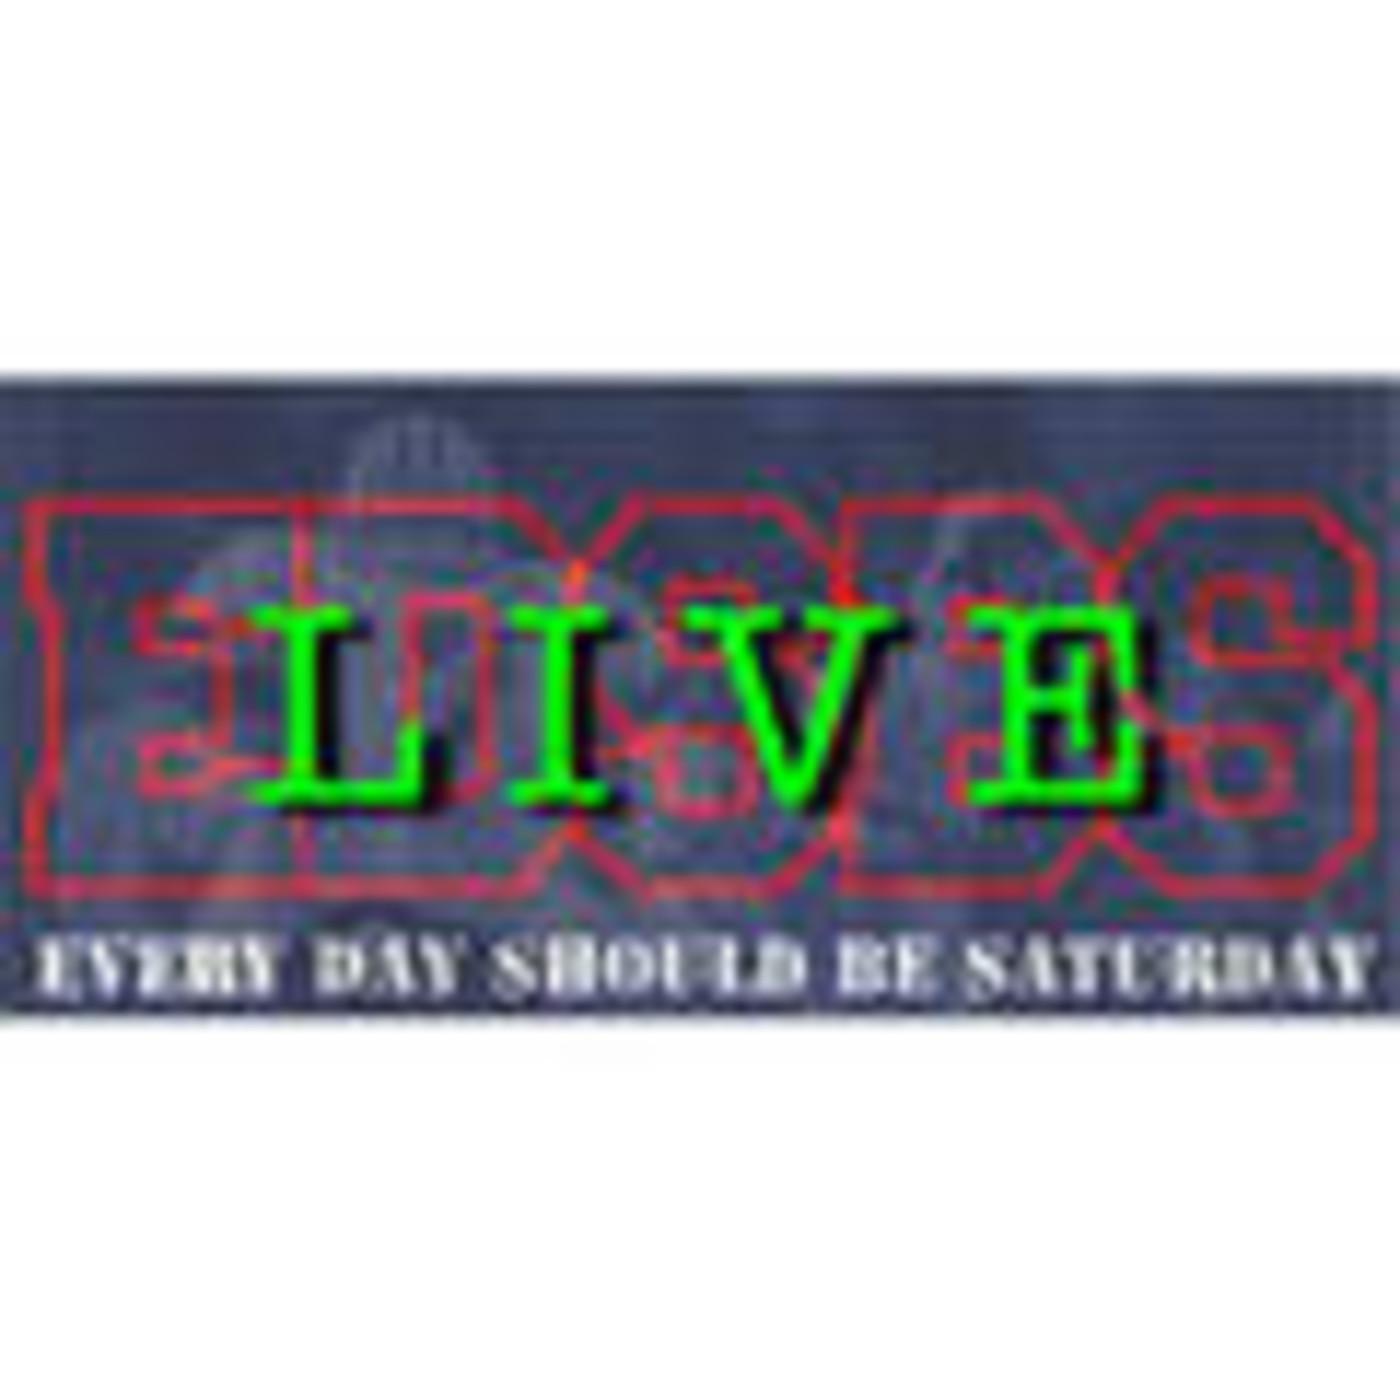 EDSBS Live